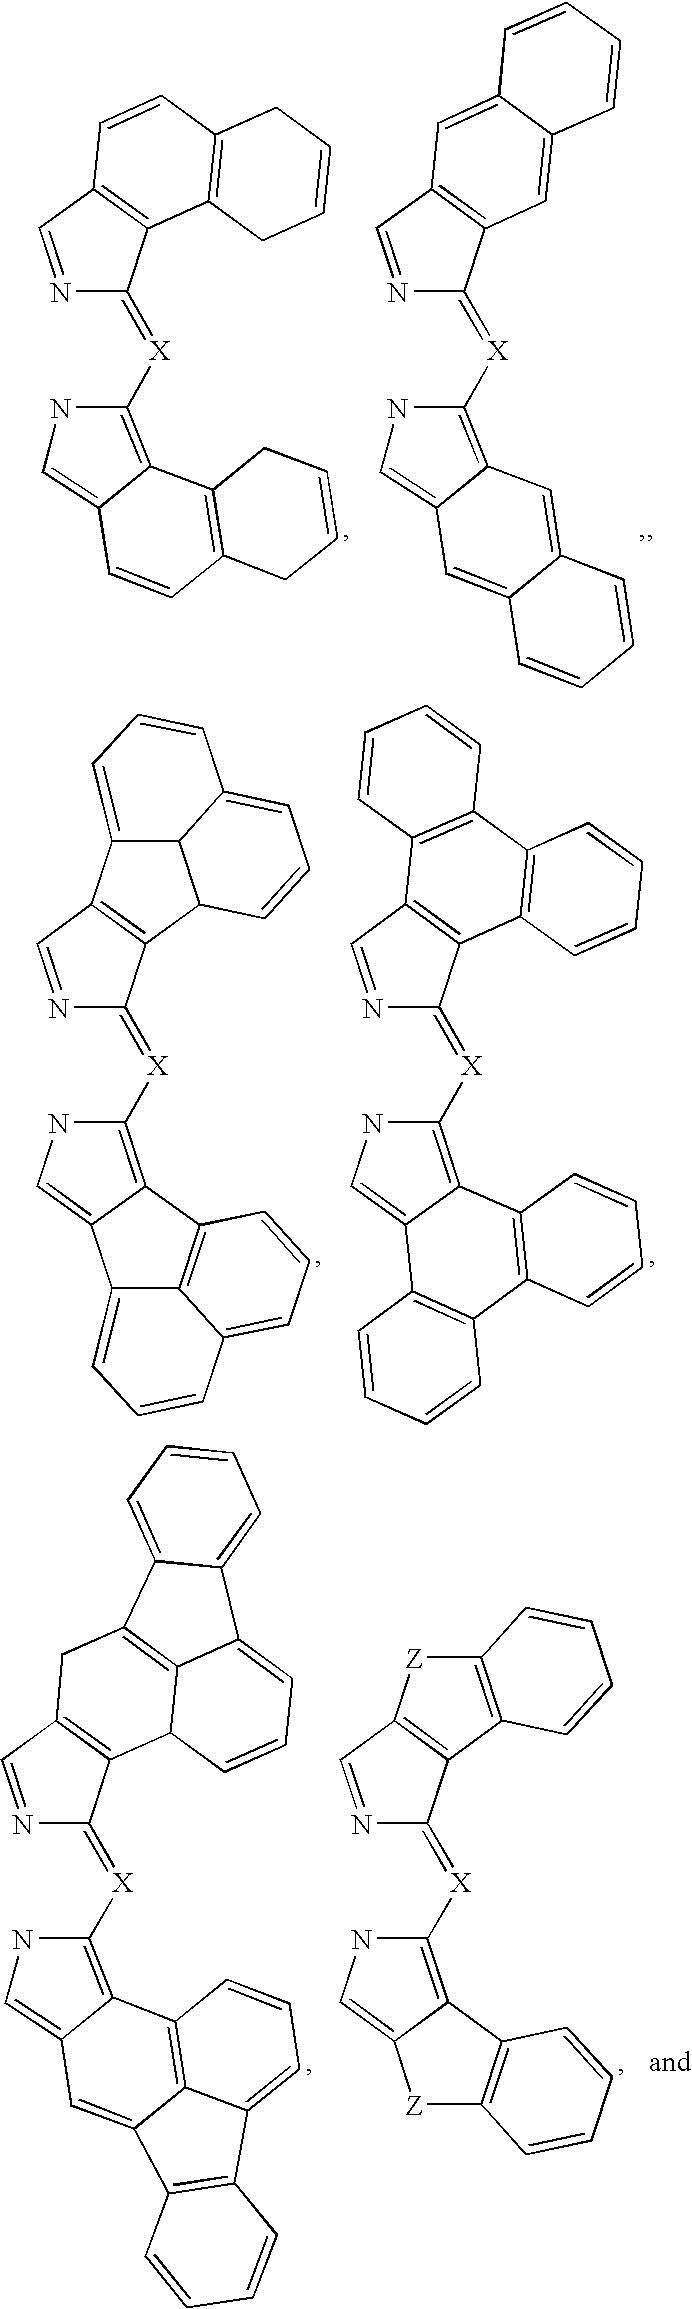 Figure US20080061681A1-20080313-C00008